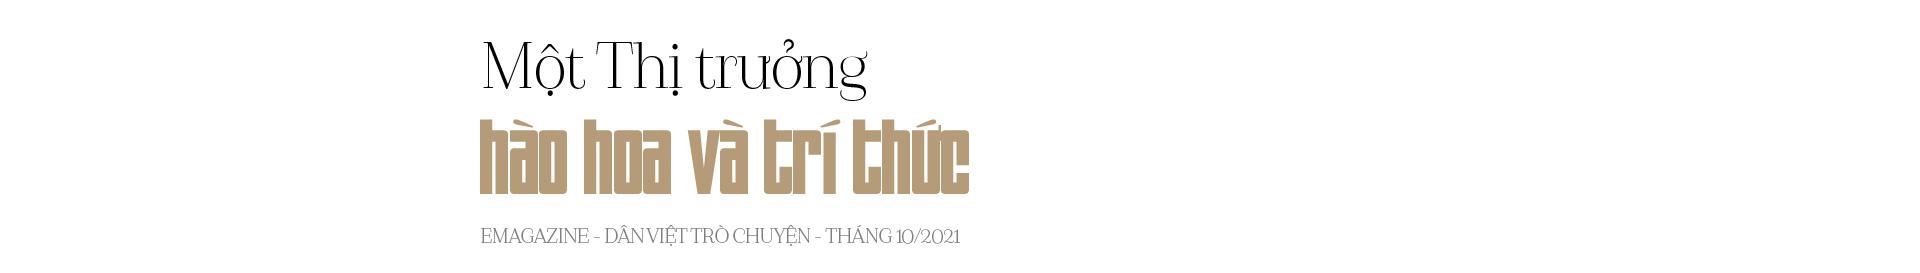 Bác sĩ Trần Duy Hưng – thị trưởng Hà Nội đầu tiên và lâu năm nhất - Ảnh 9.